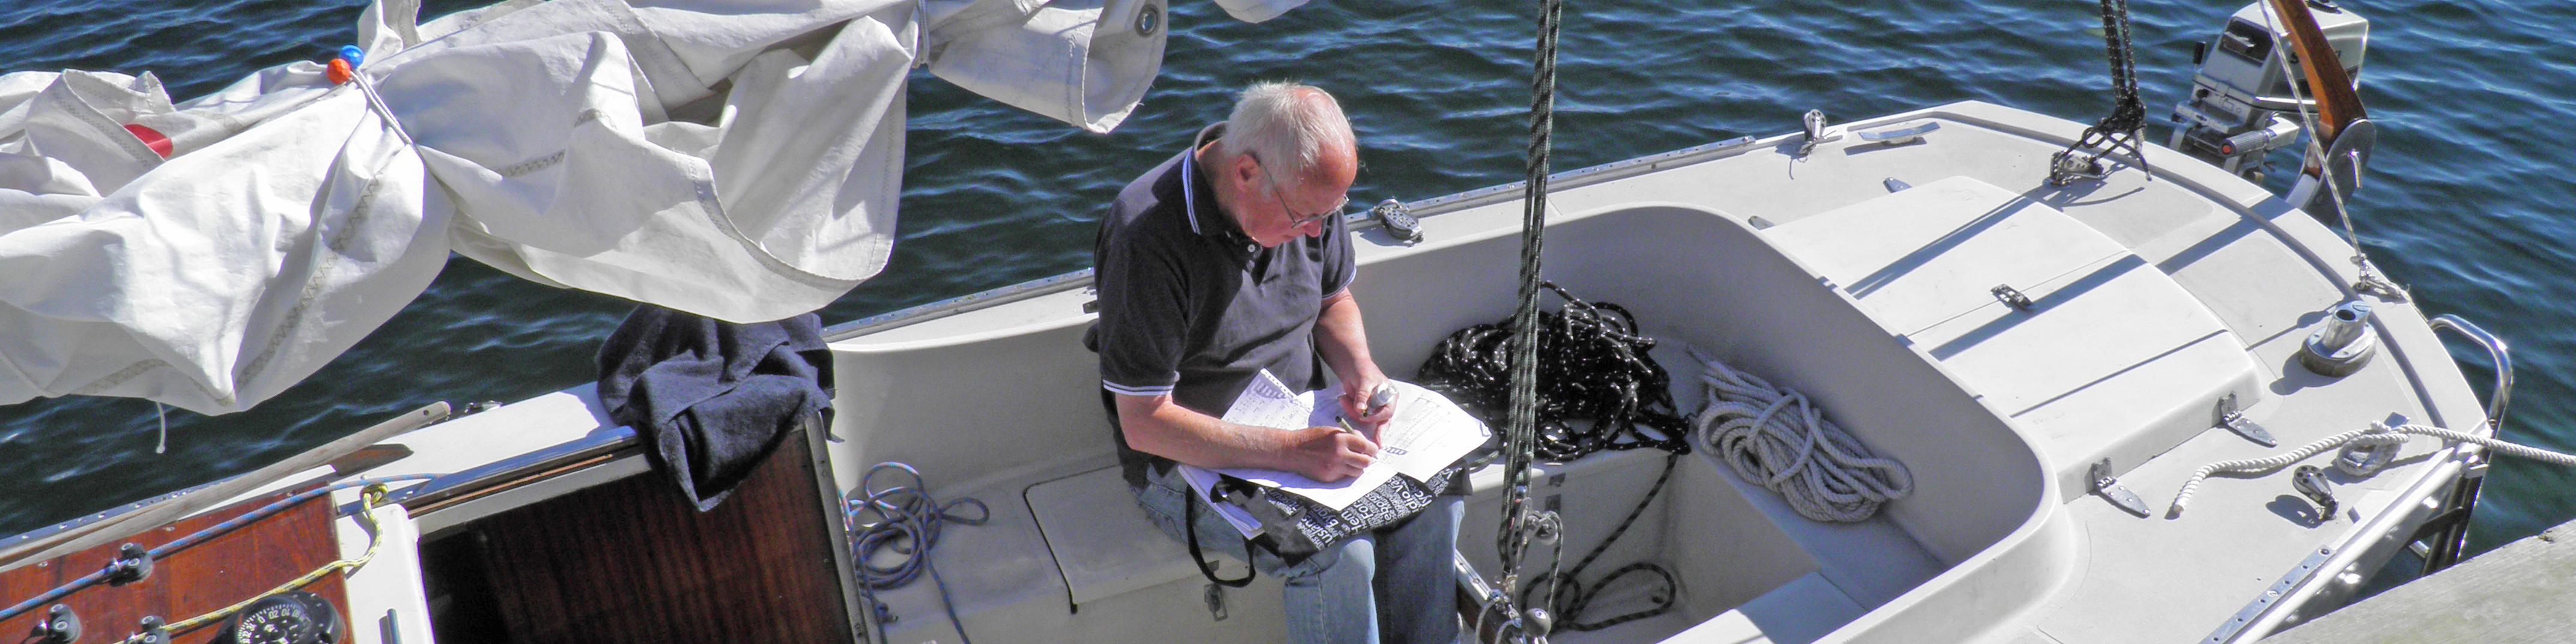 Gunnar Eriksson sitter i båten och arrangerar en körsång.